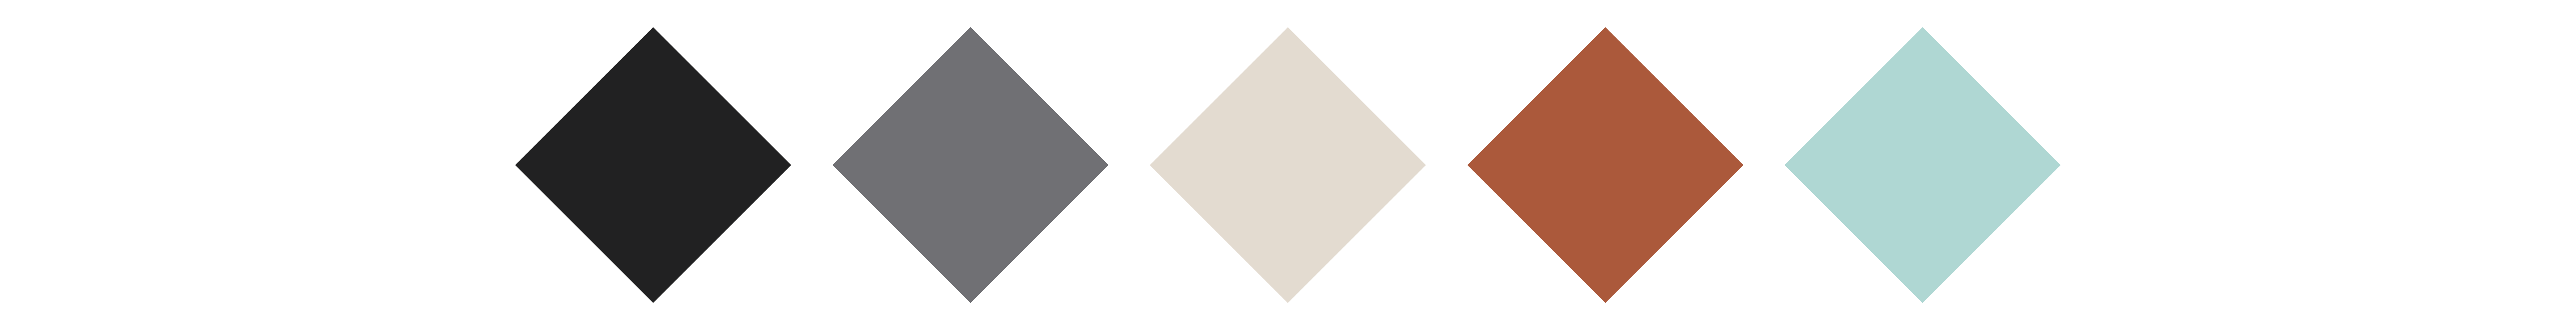 Venue branding color palette